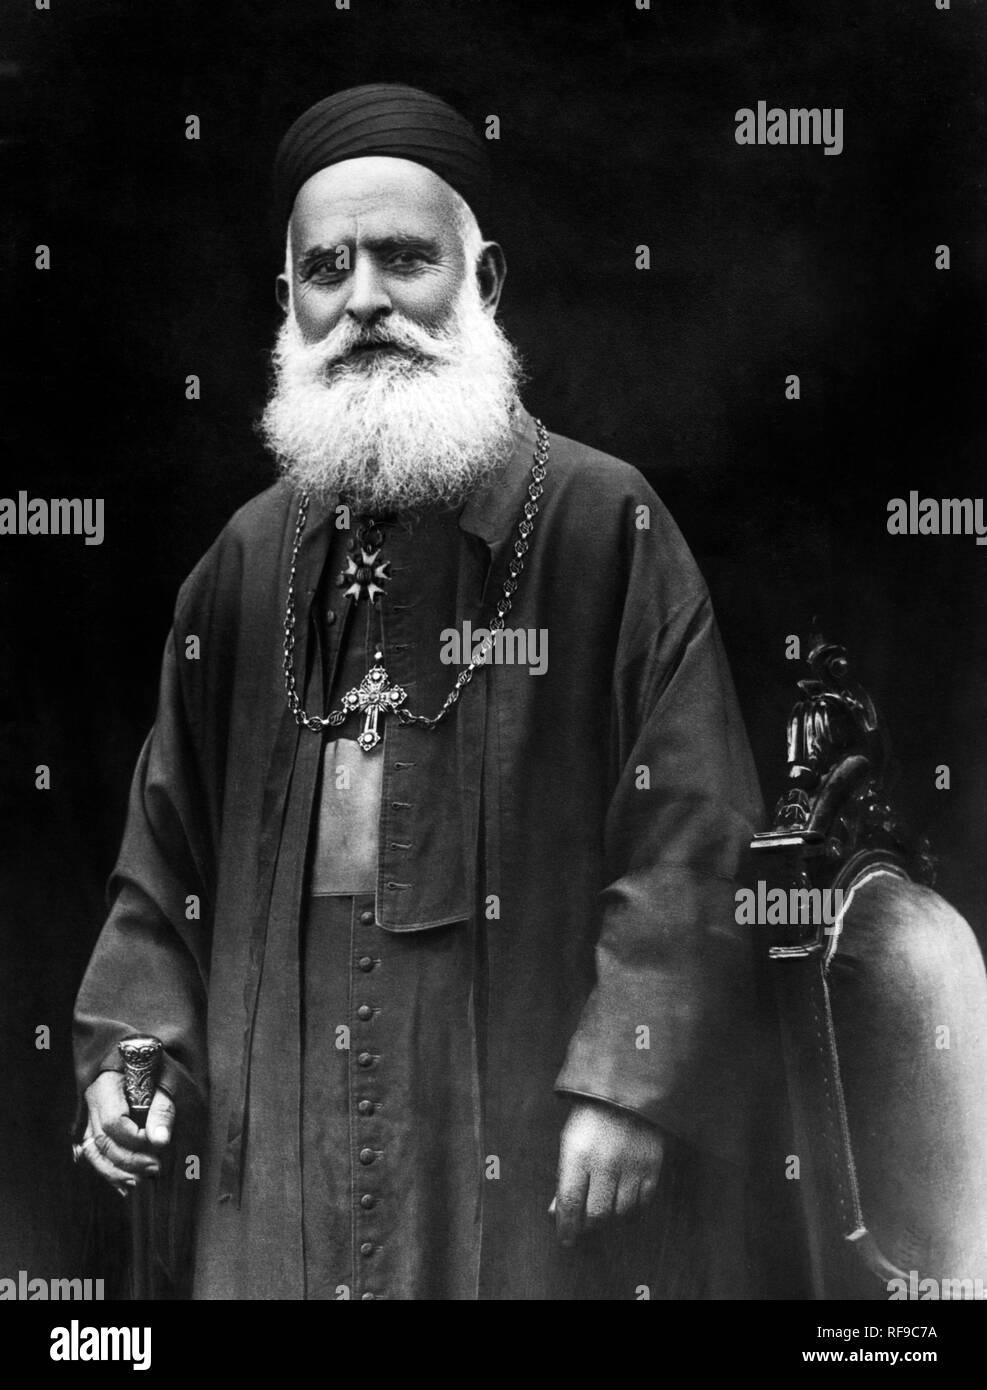 Medio oriente, Libano, ritratto di monsignor antoine pierre aride, patriarca maronita, 1920-30 Immagini Stock